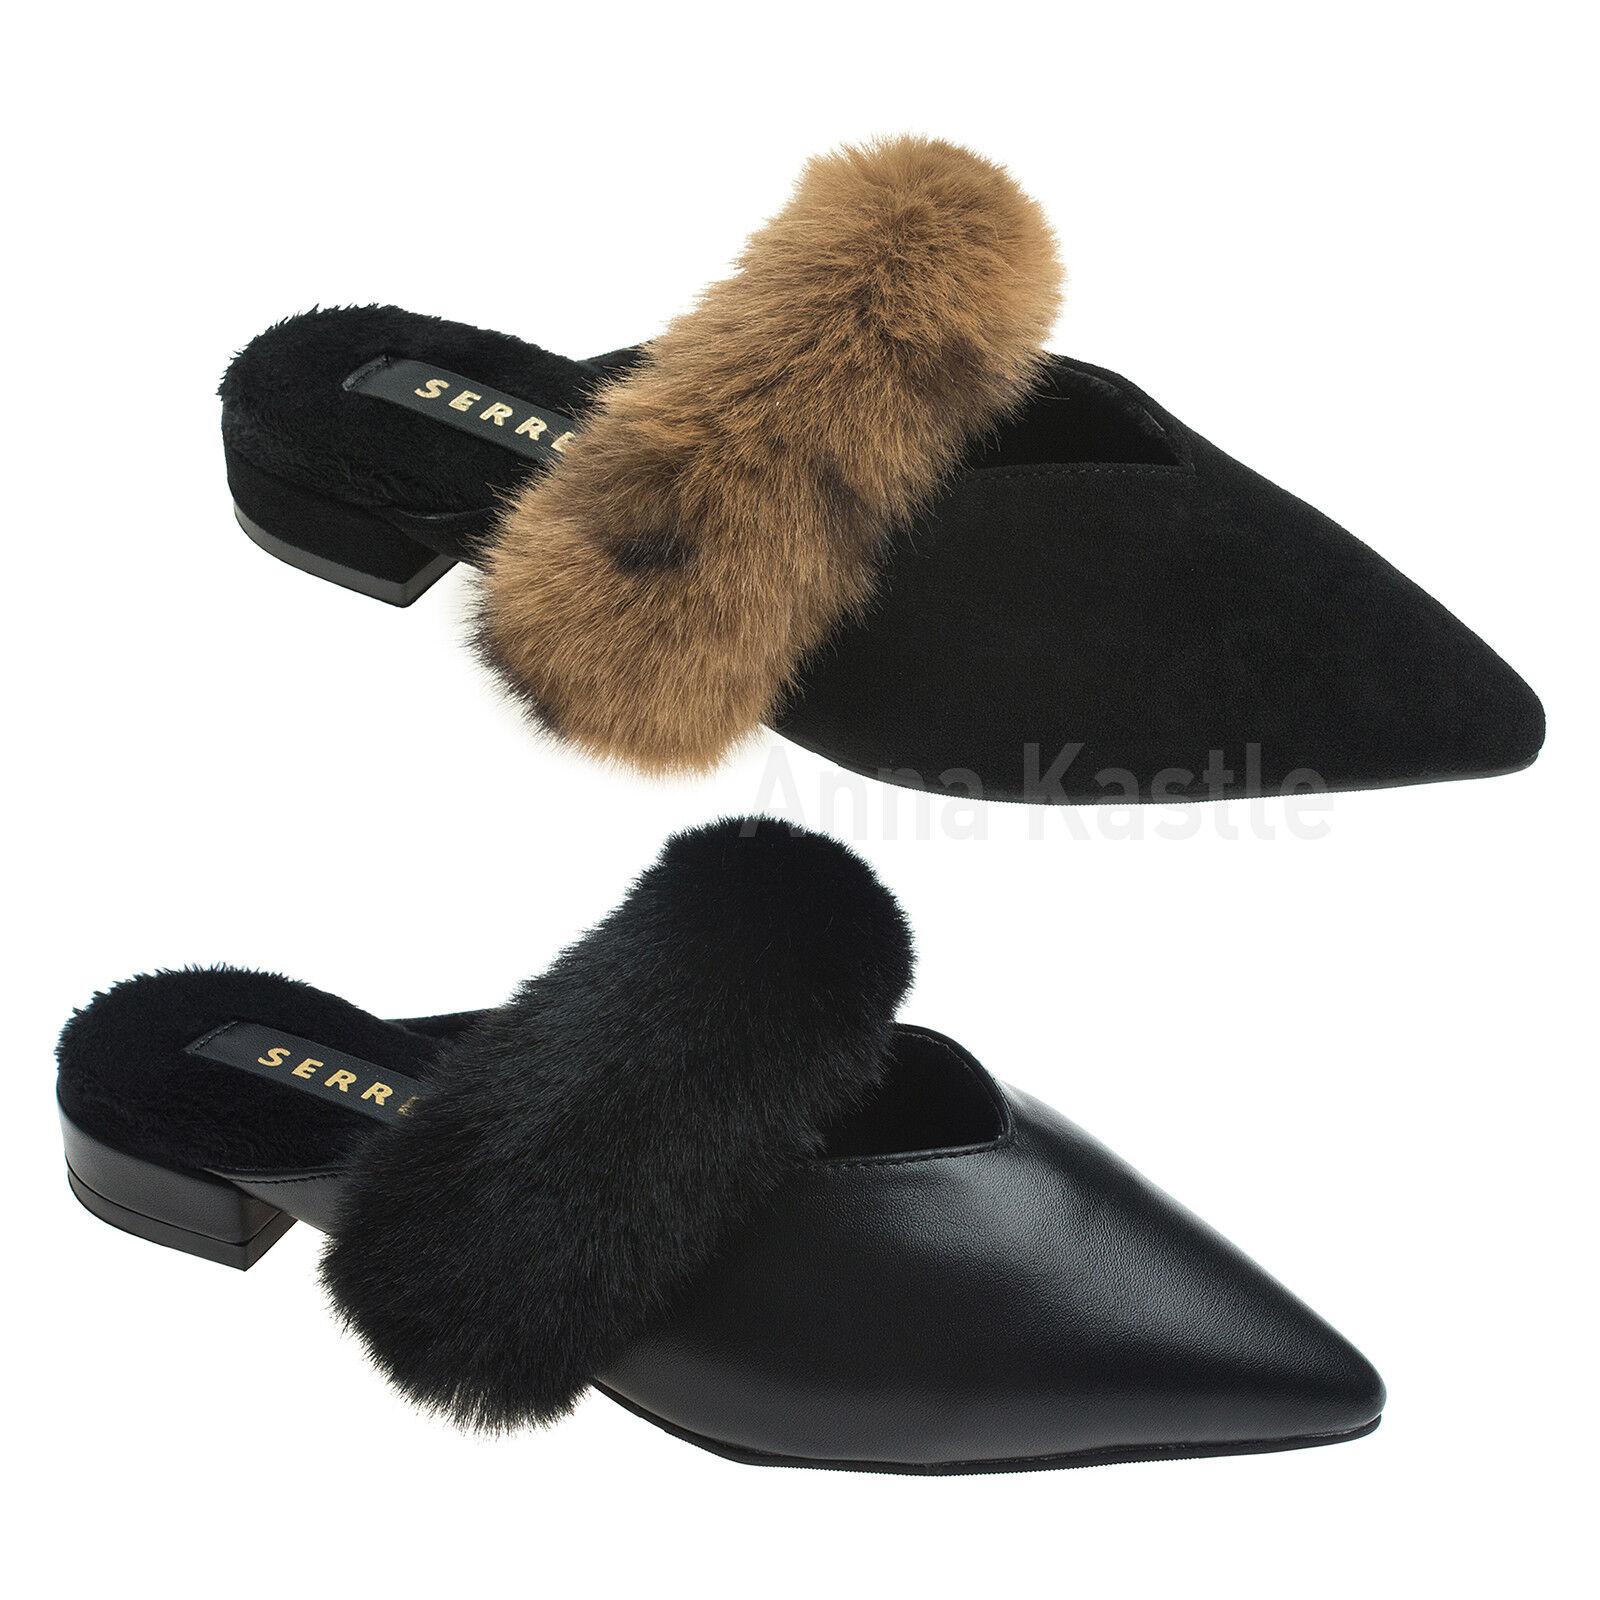 AnnaKastle femmes Fur Stap Pointed Toe Flat Mule Slide Slippers